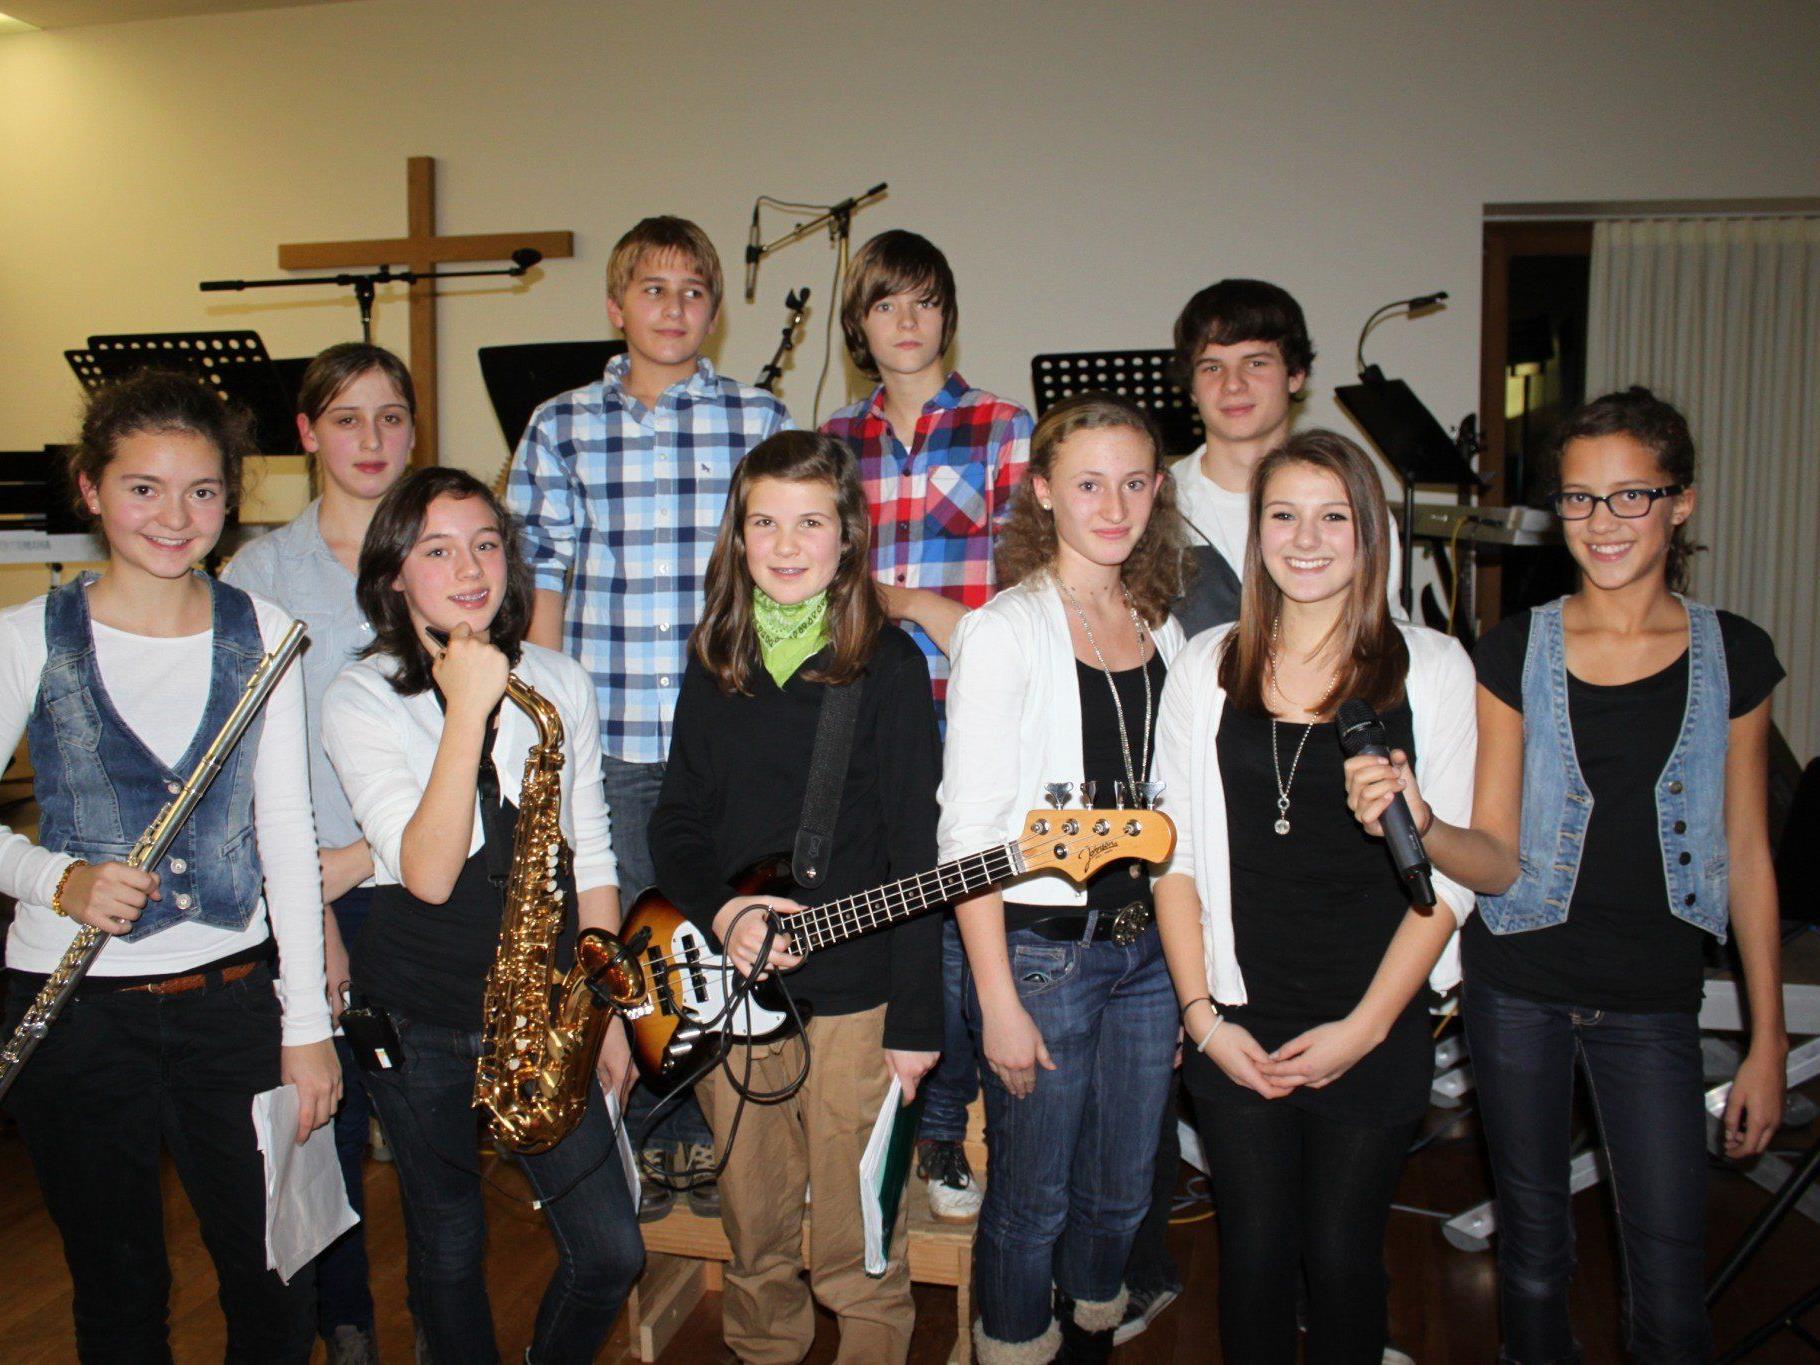 Junge Musikgruppen begeistern mit poppigen und rockigen Darbietungen.